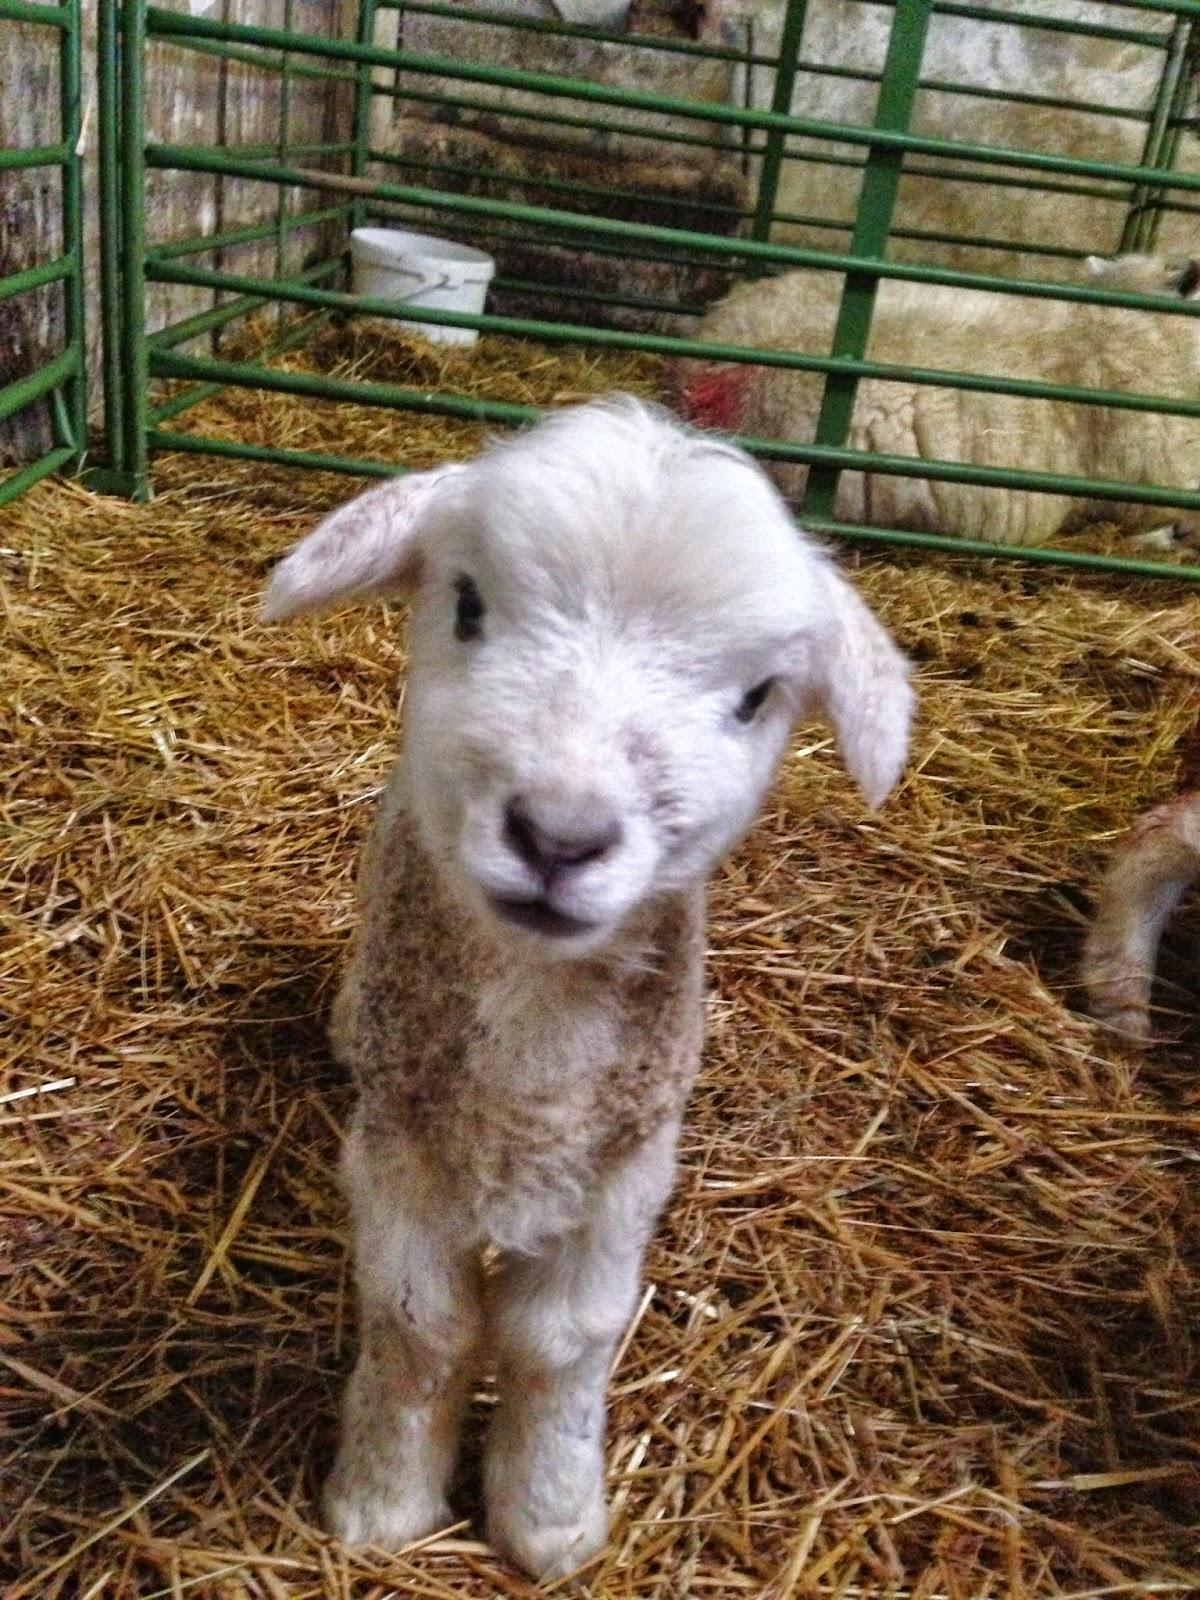 Cute Dorset Lambs